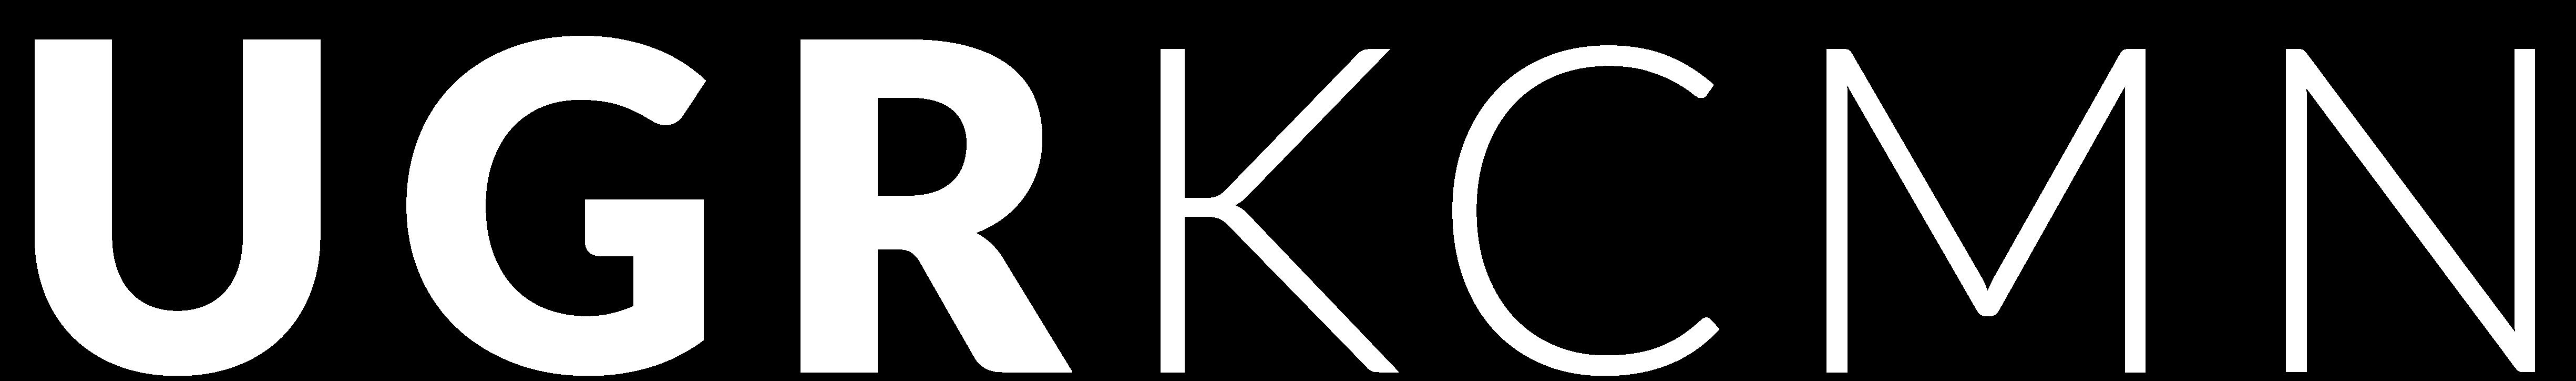 Uğur KOCAMAN | Dijital Pazarlama & Web Yazılım Uzmanı